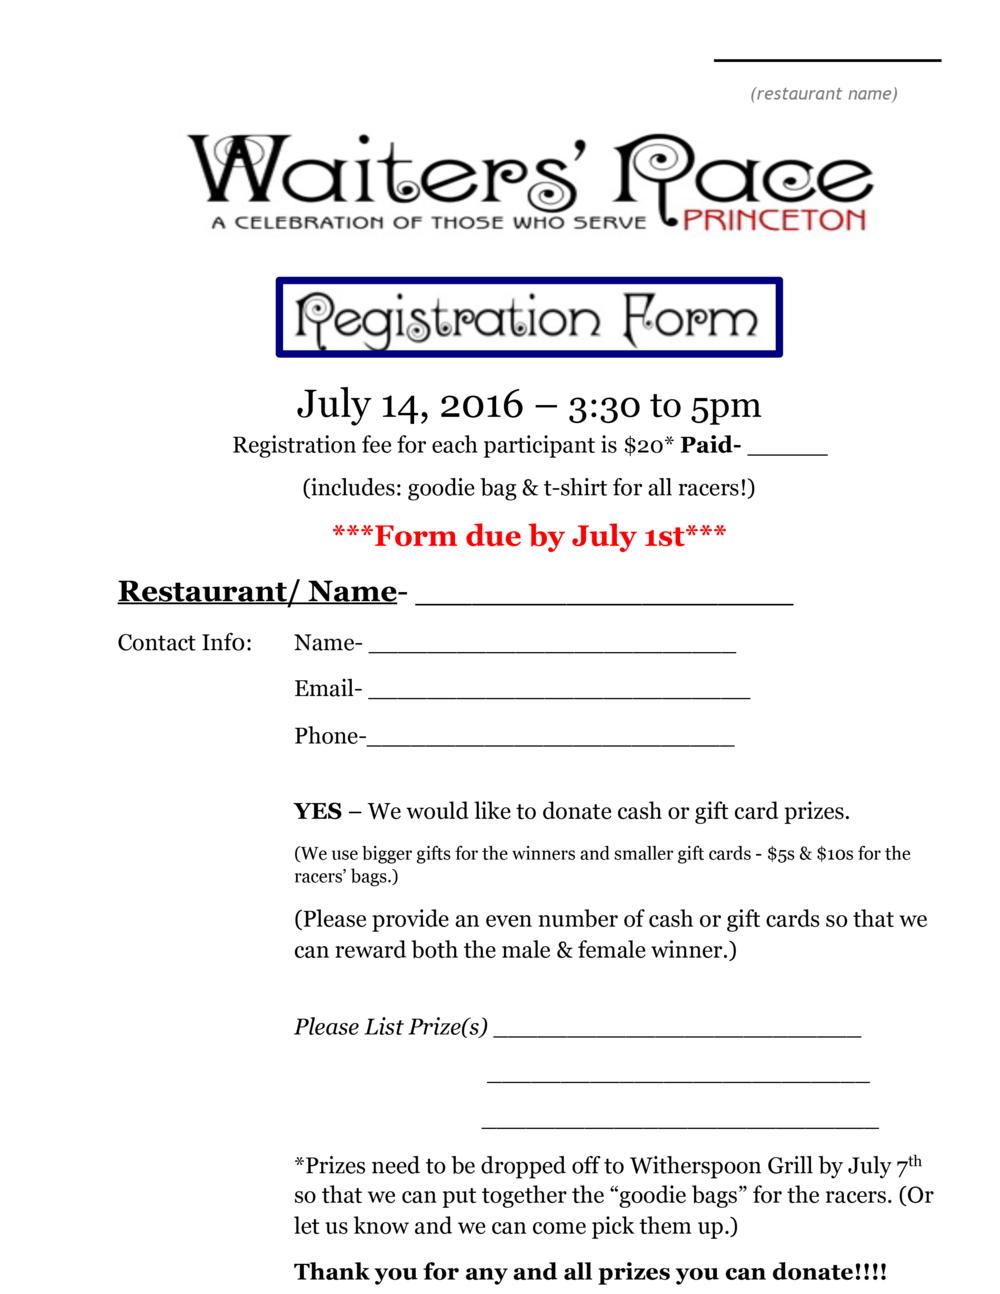 Racer Registration Form, page 1